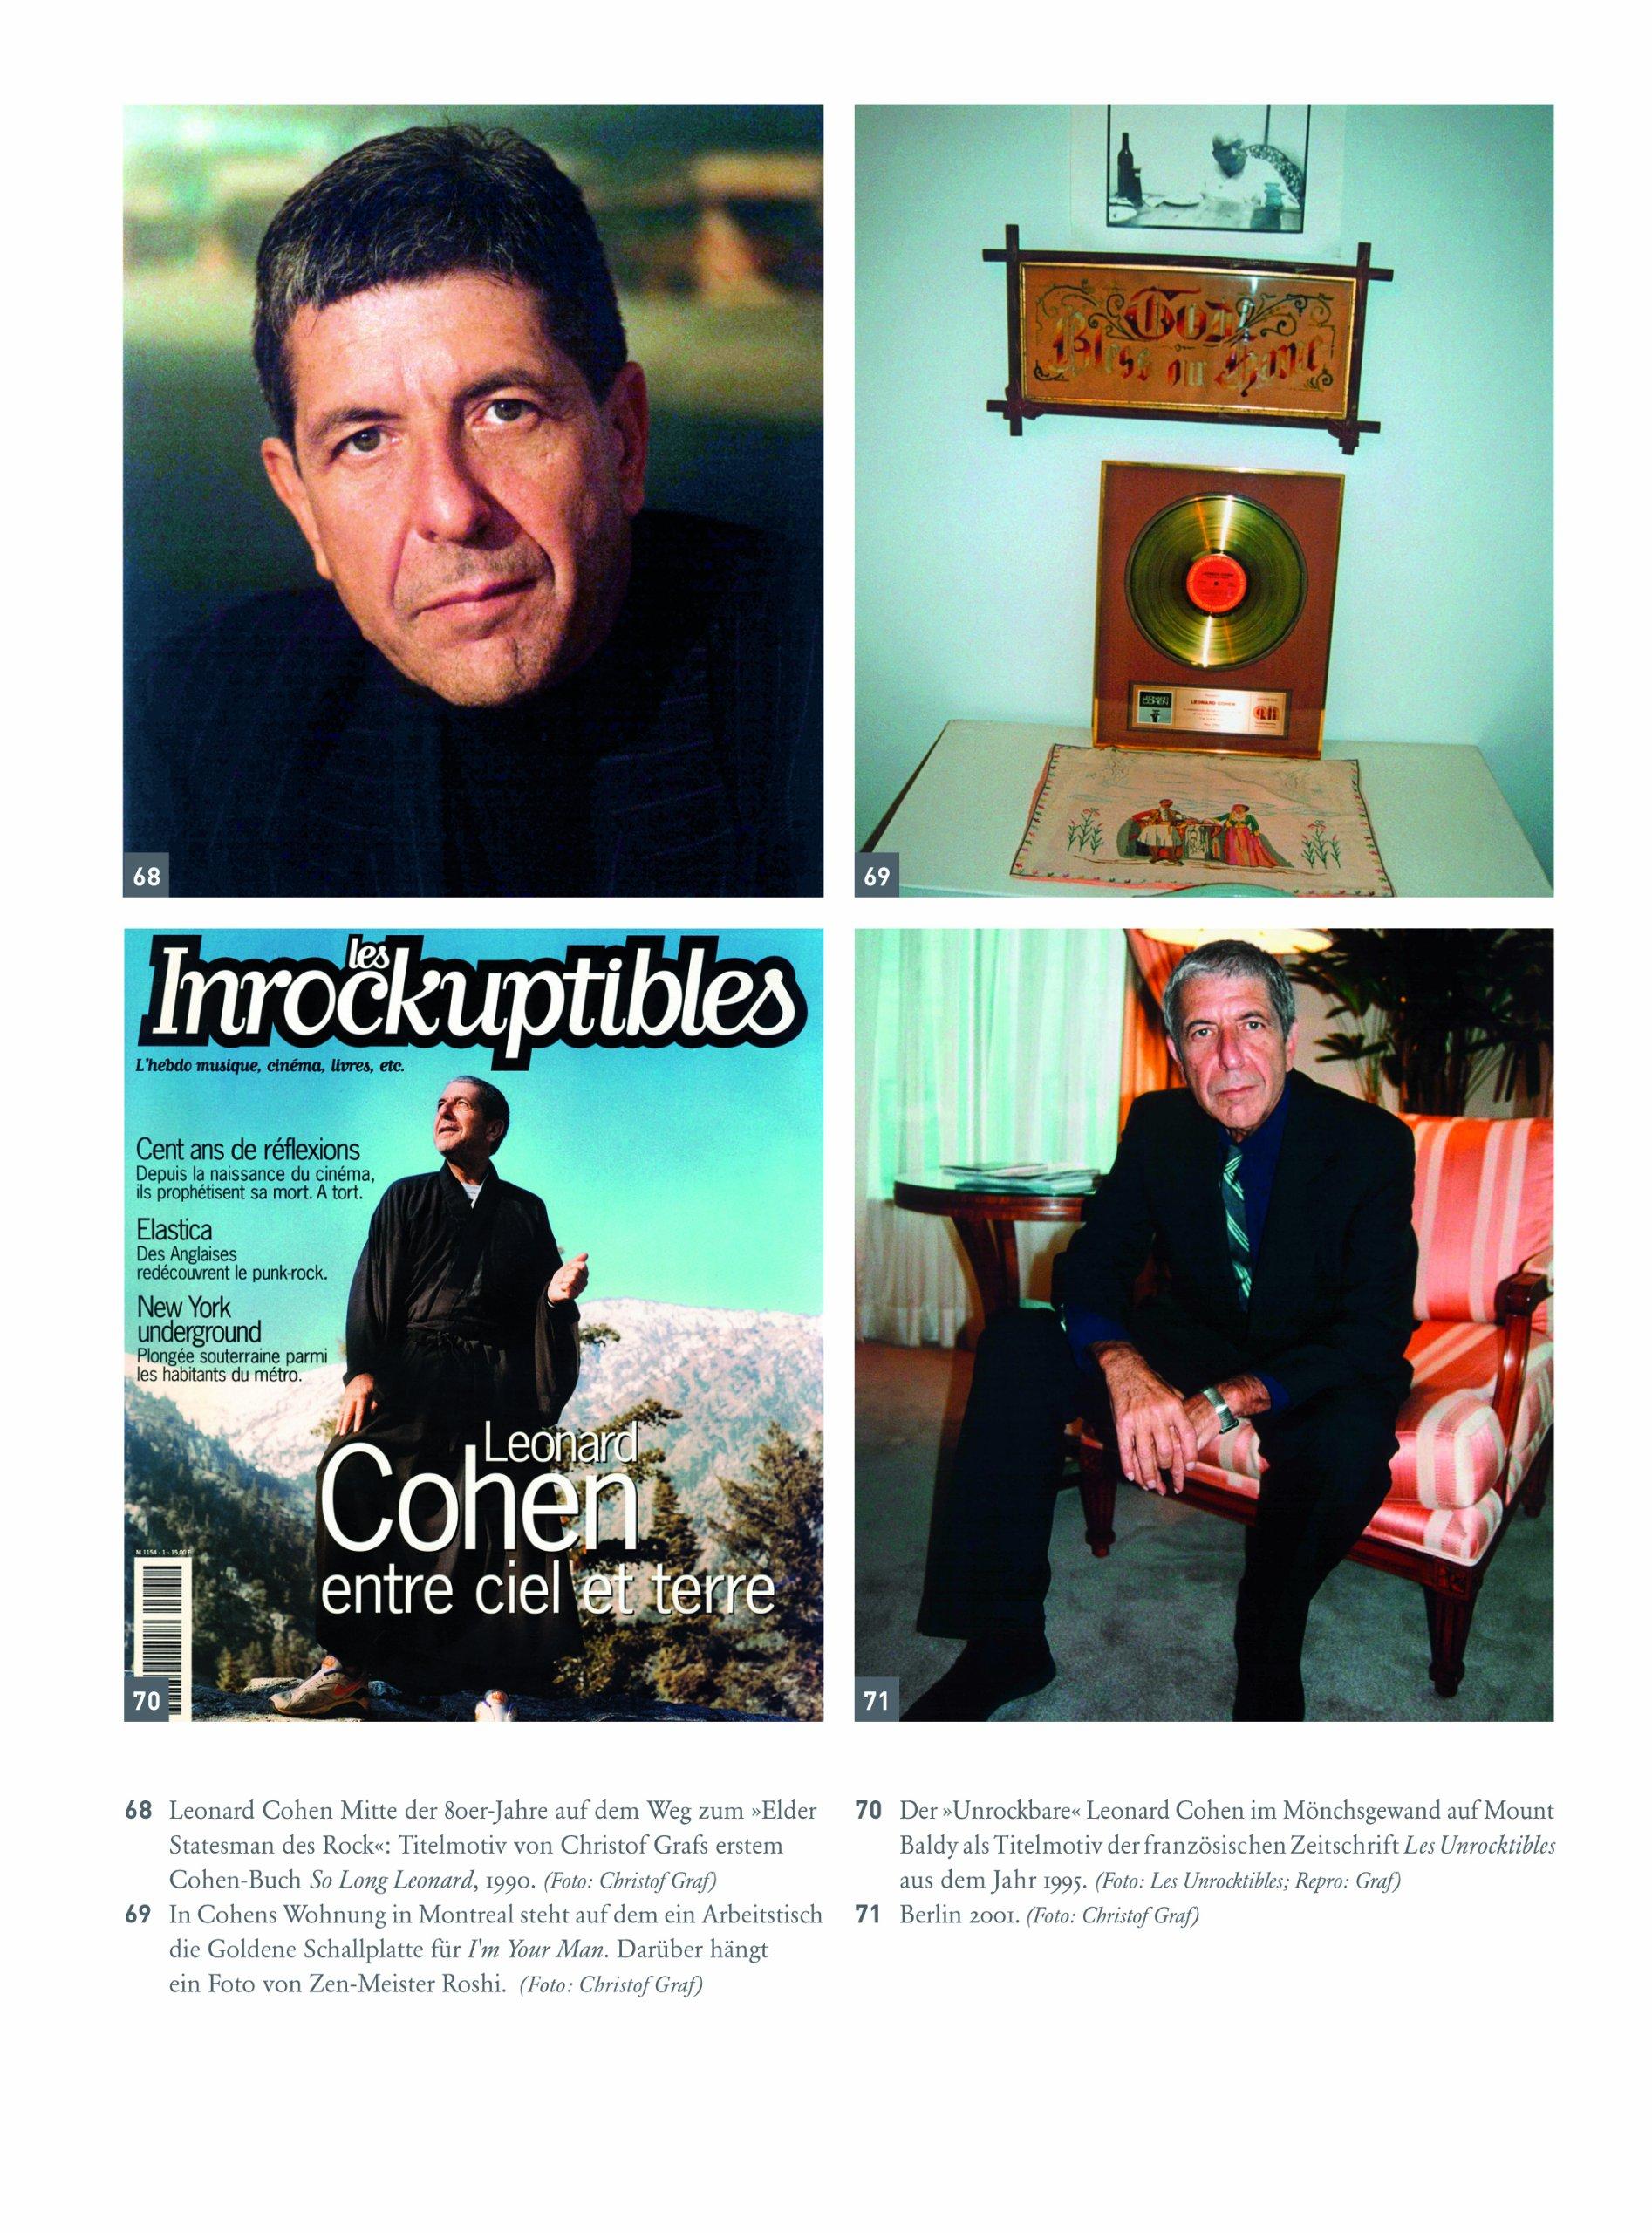 Leonard Cohen: Titan der Worte (German Edition)